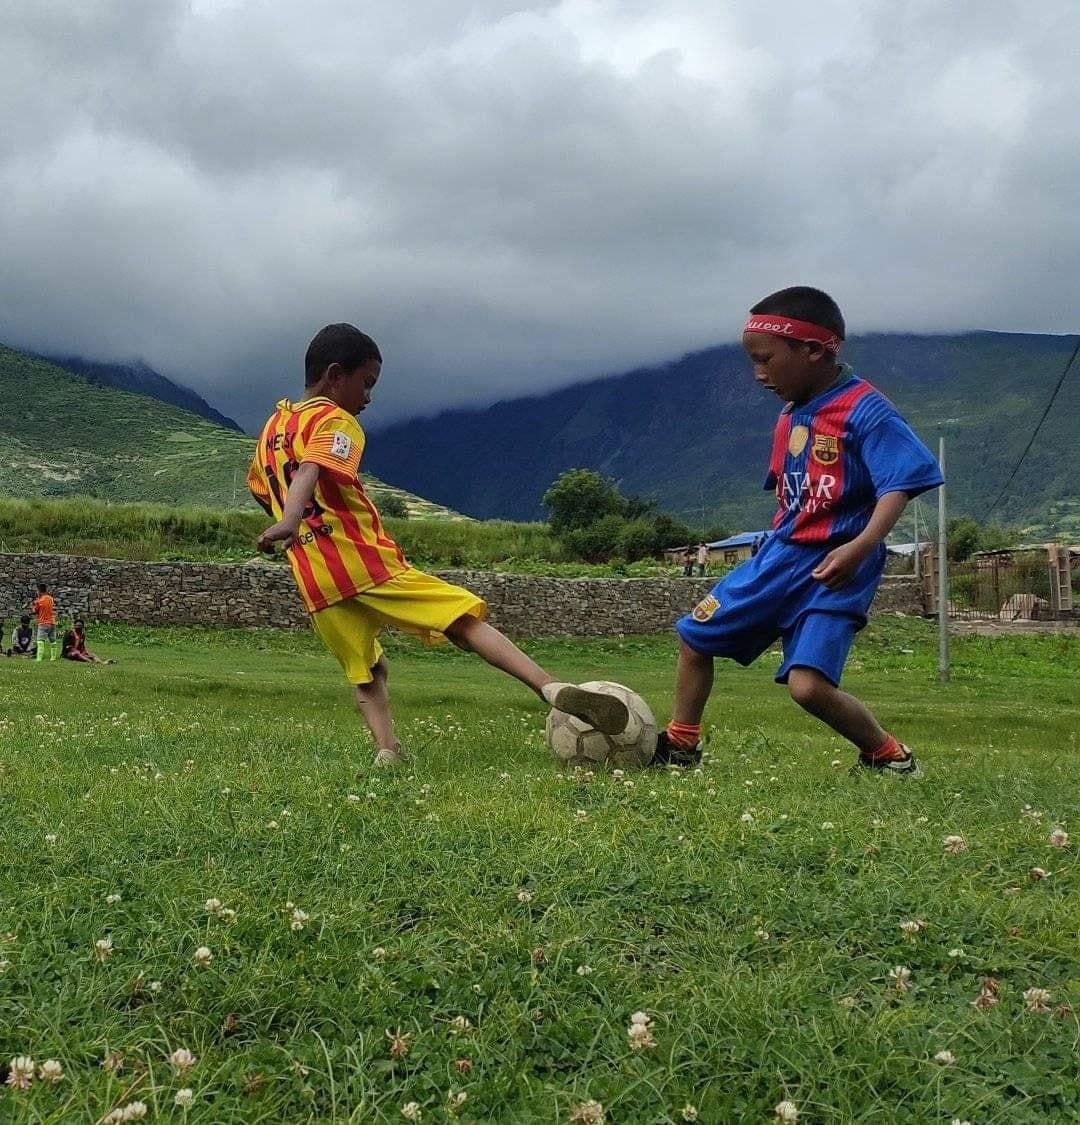 फुटबलप्रति हुम्लाका बालिकामा बढी रुचि